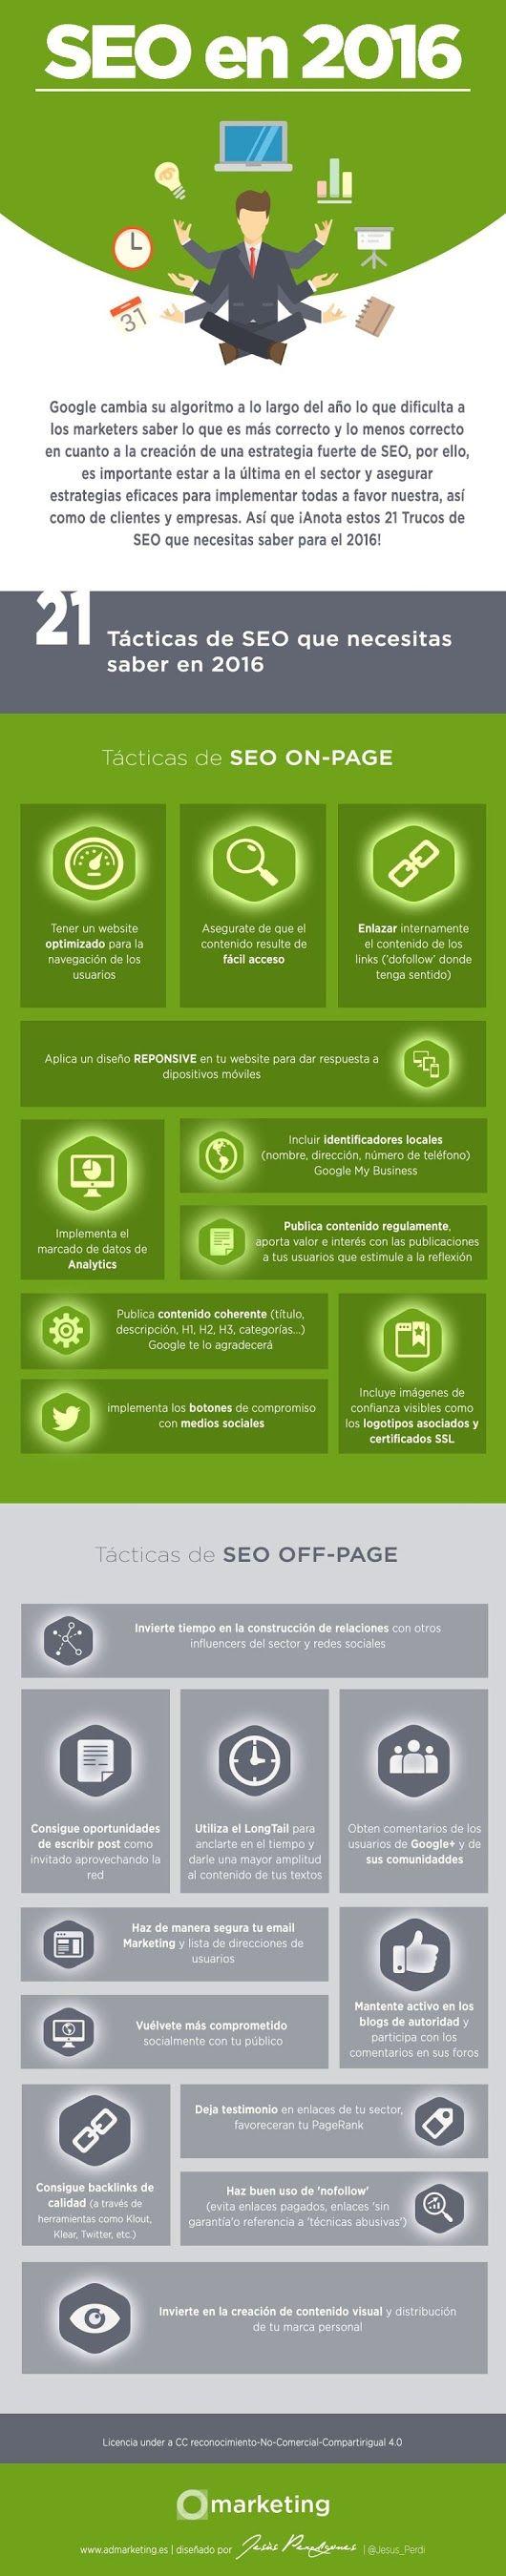 21 consejos de SEO en 1 infografía en español. #CommunityManager